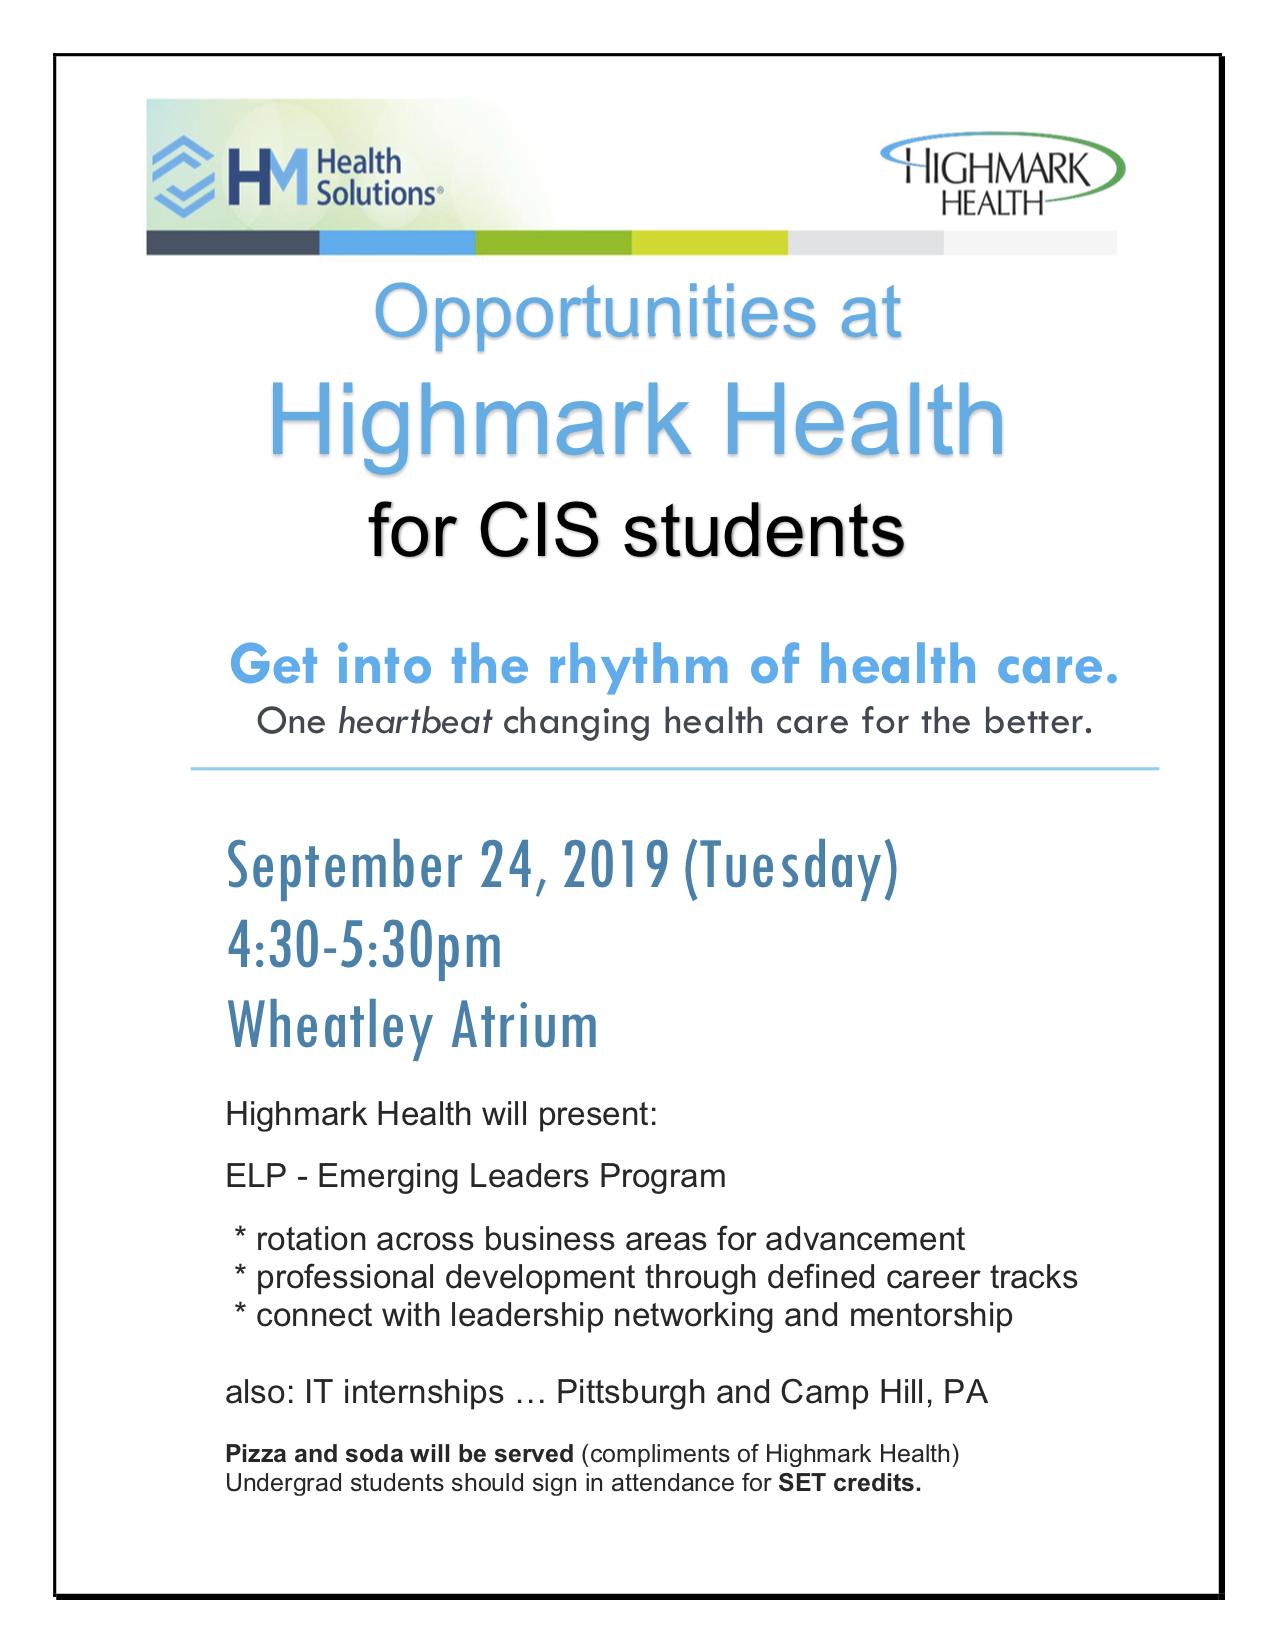 Highmark Health flier 2019-0924 updated